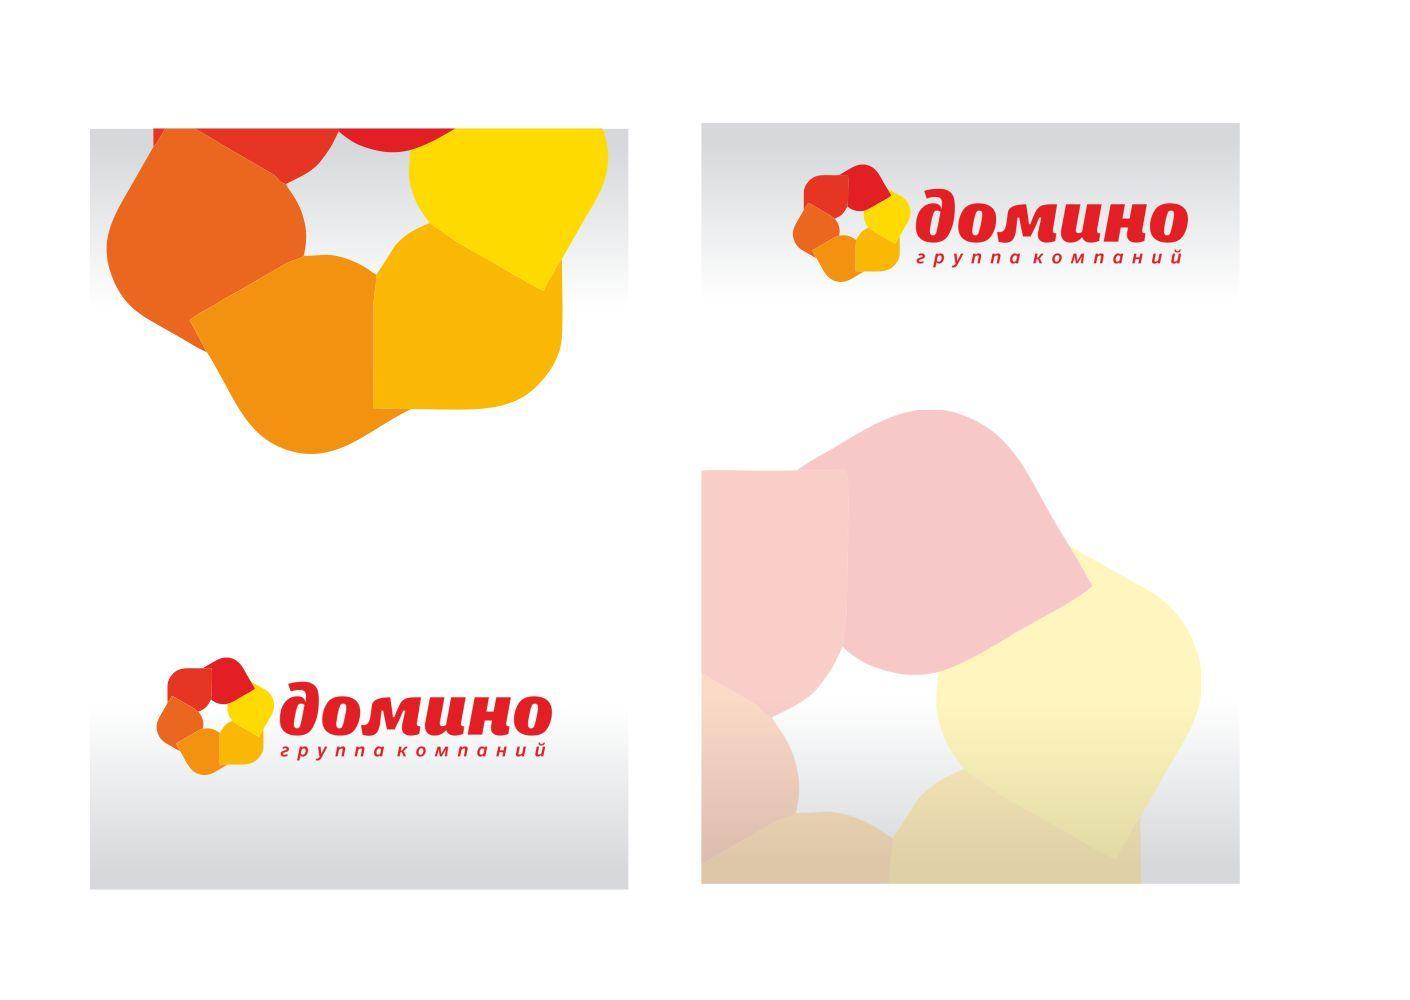 Разработка фирменного стиля (логотип готовый)  - дизайнер kurgan_ok